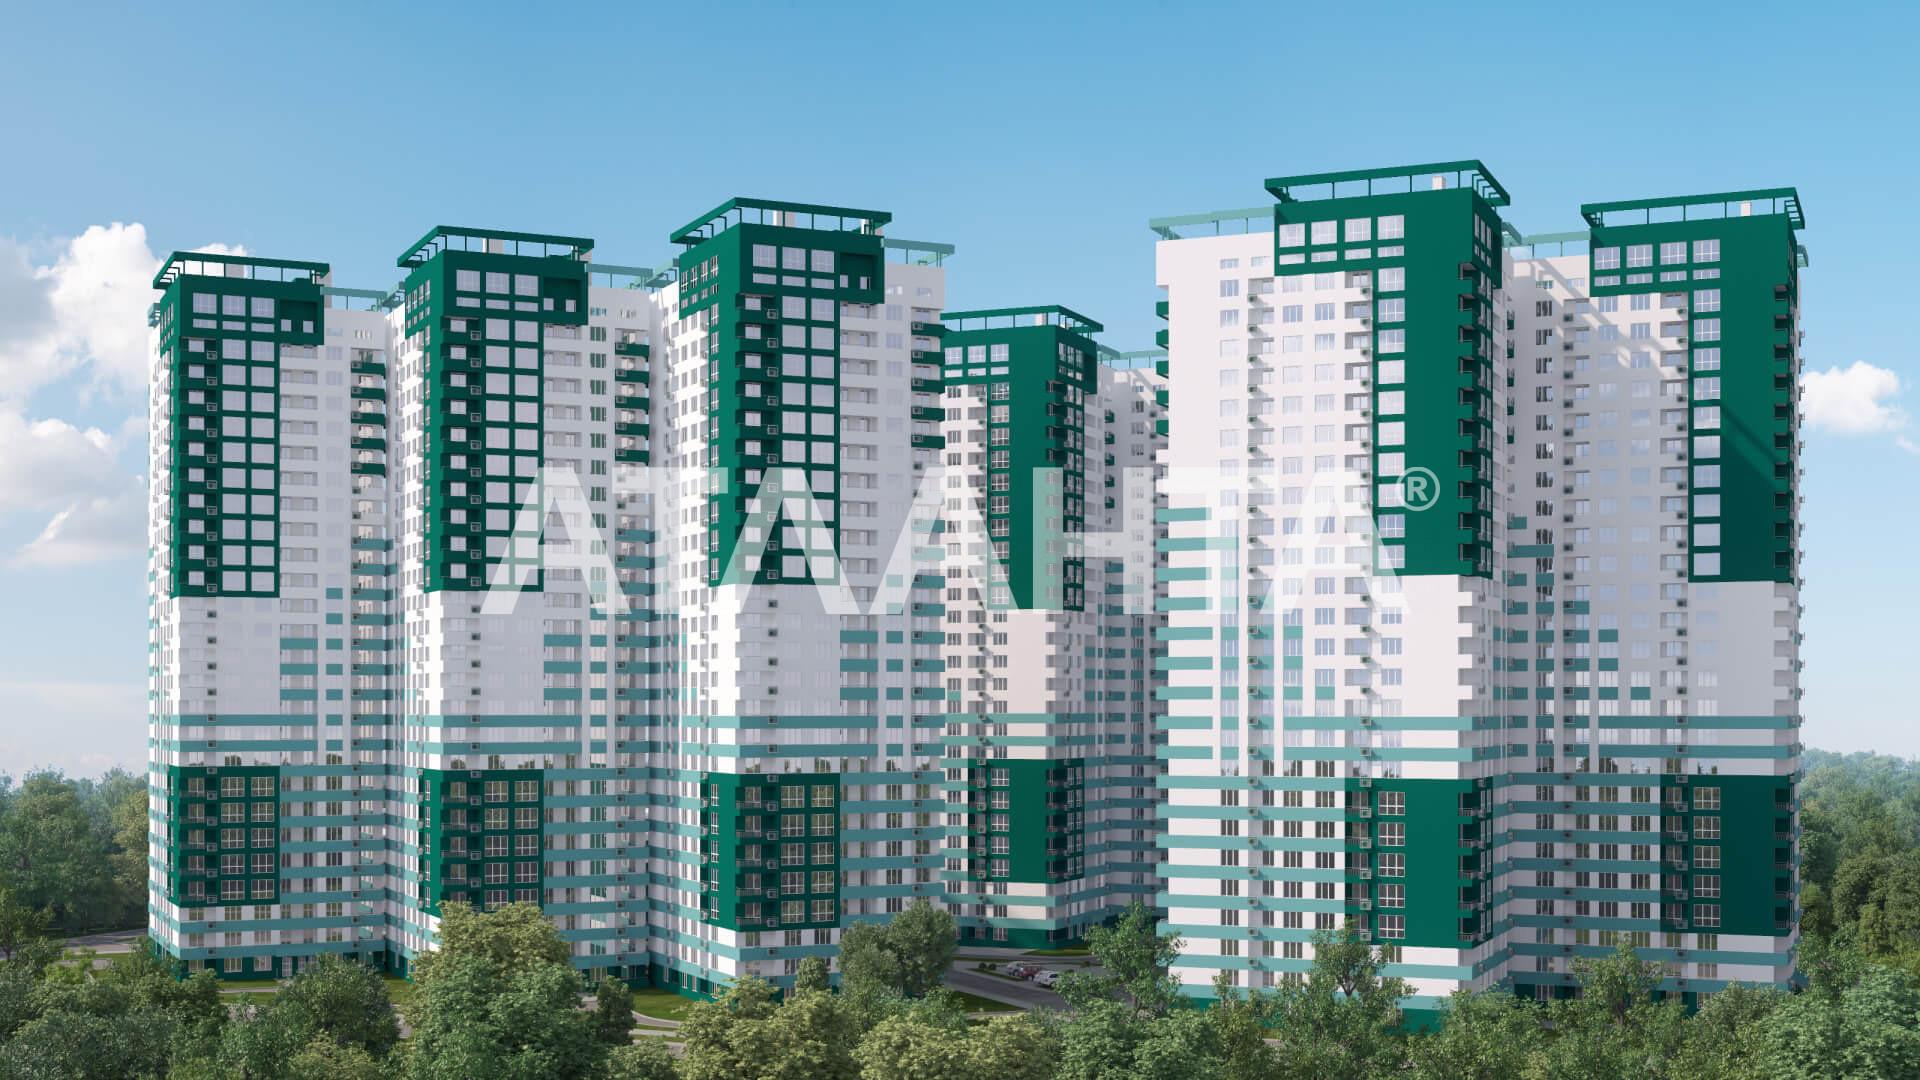 Продается 1-комнатная Квартира на ул. Жаботинского (Пролетарская) — 27 640 у.е. (фото №2)